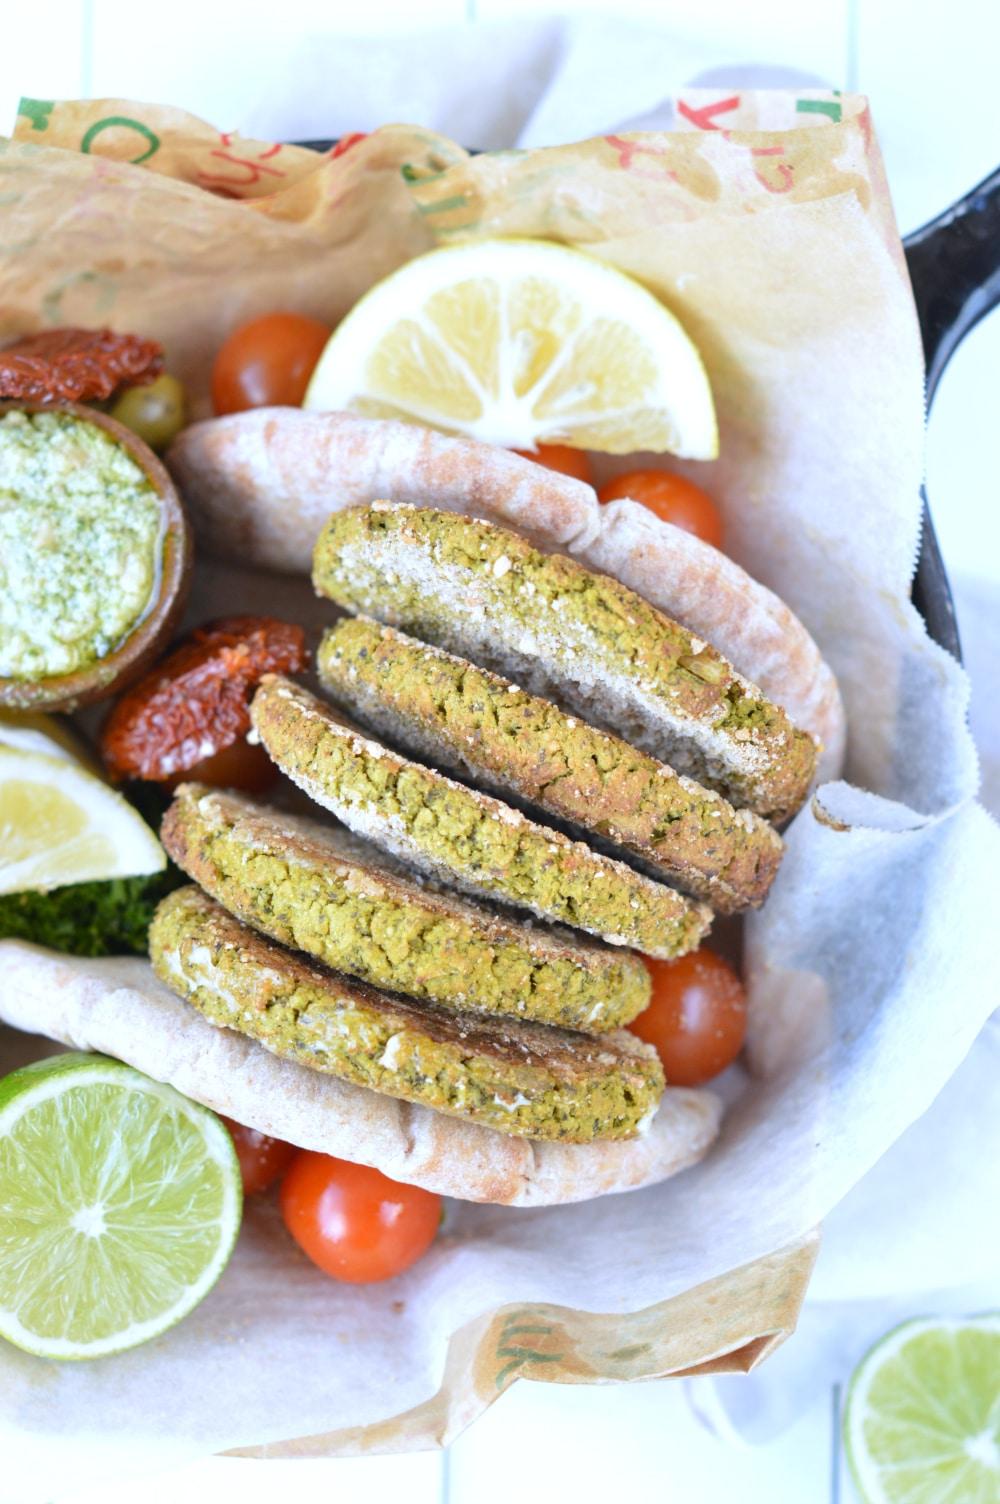 vegan falafel